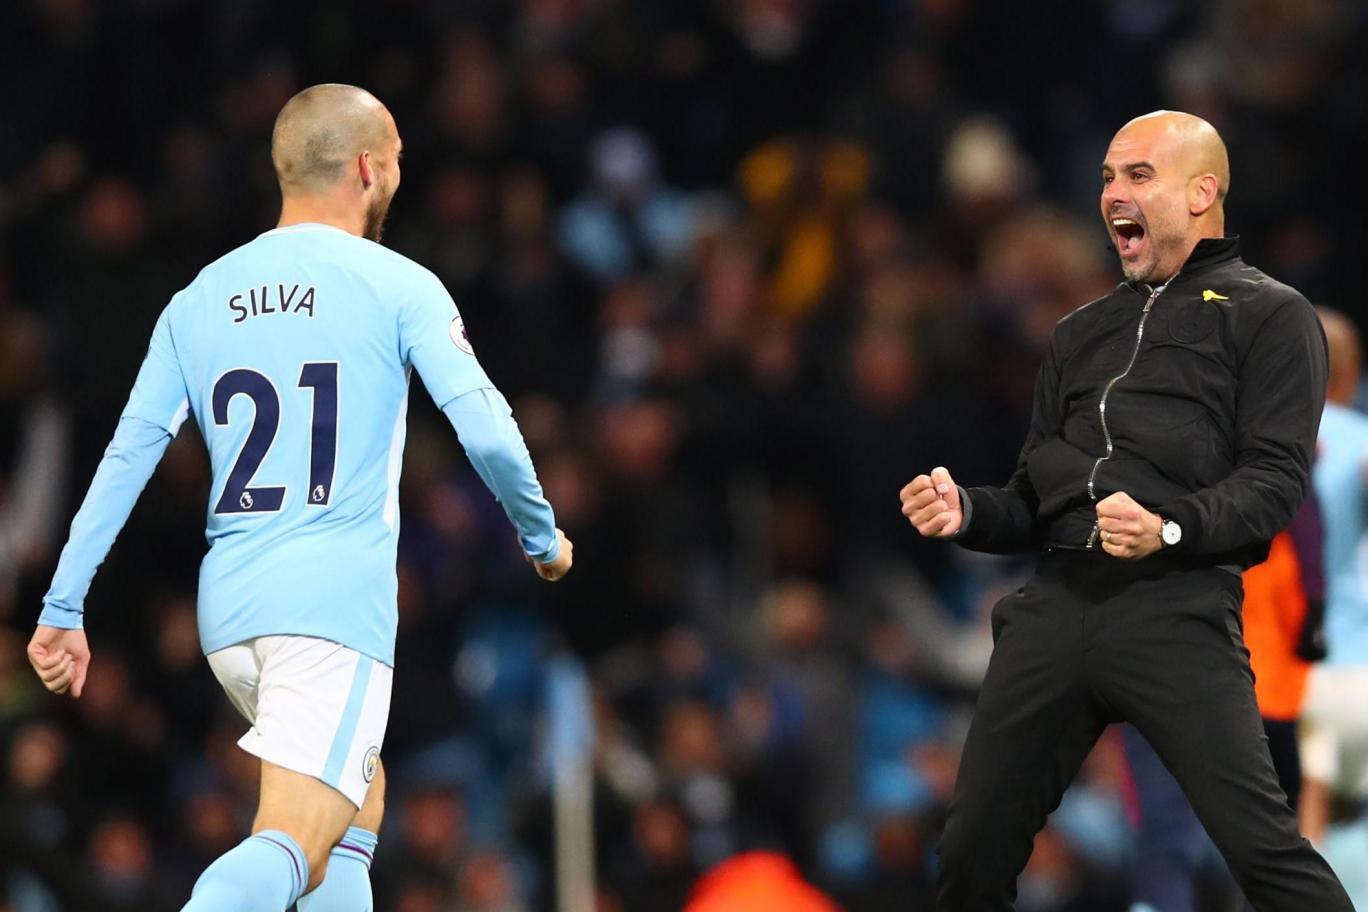 Hình ảnh: Trong khi đó Pep Guardiola cùng Man City đang reo rắc nỗi kinh hoàng cho cả giải đấu